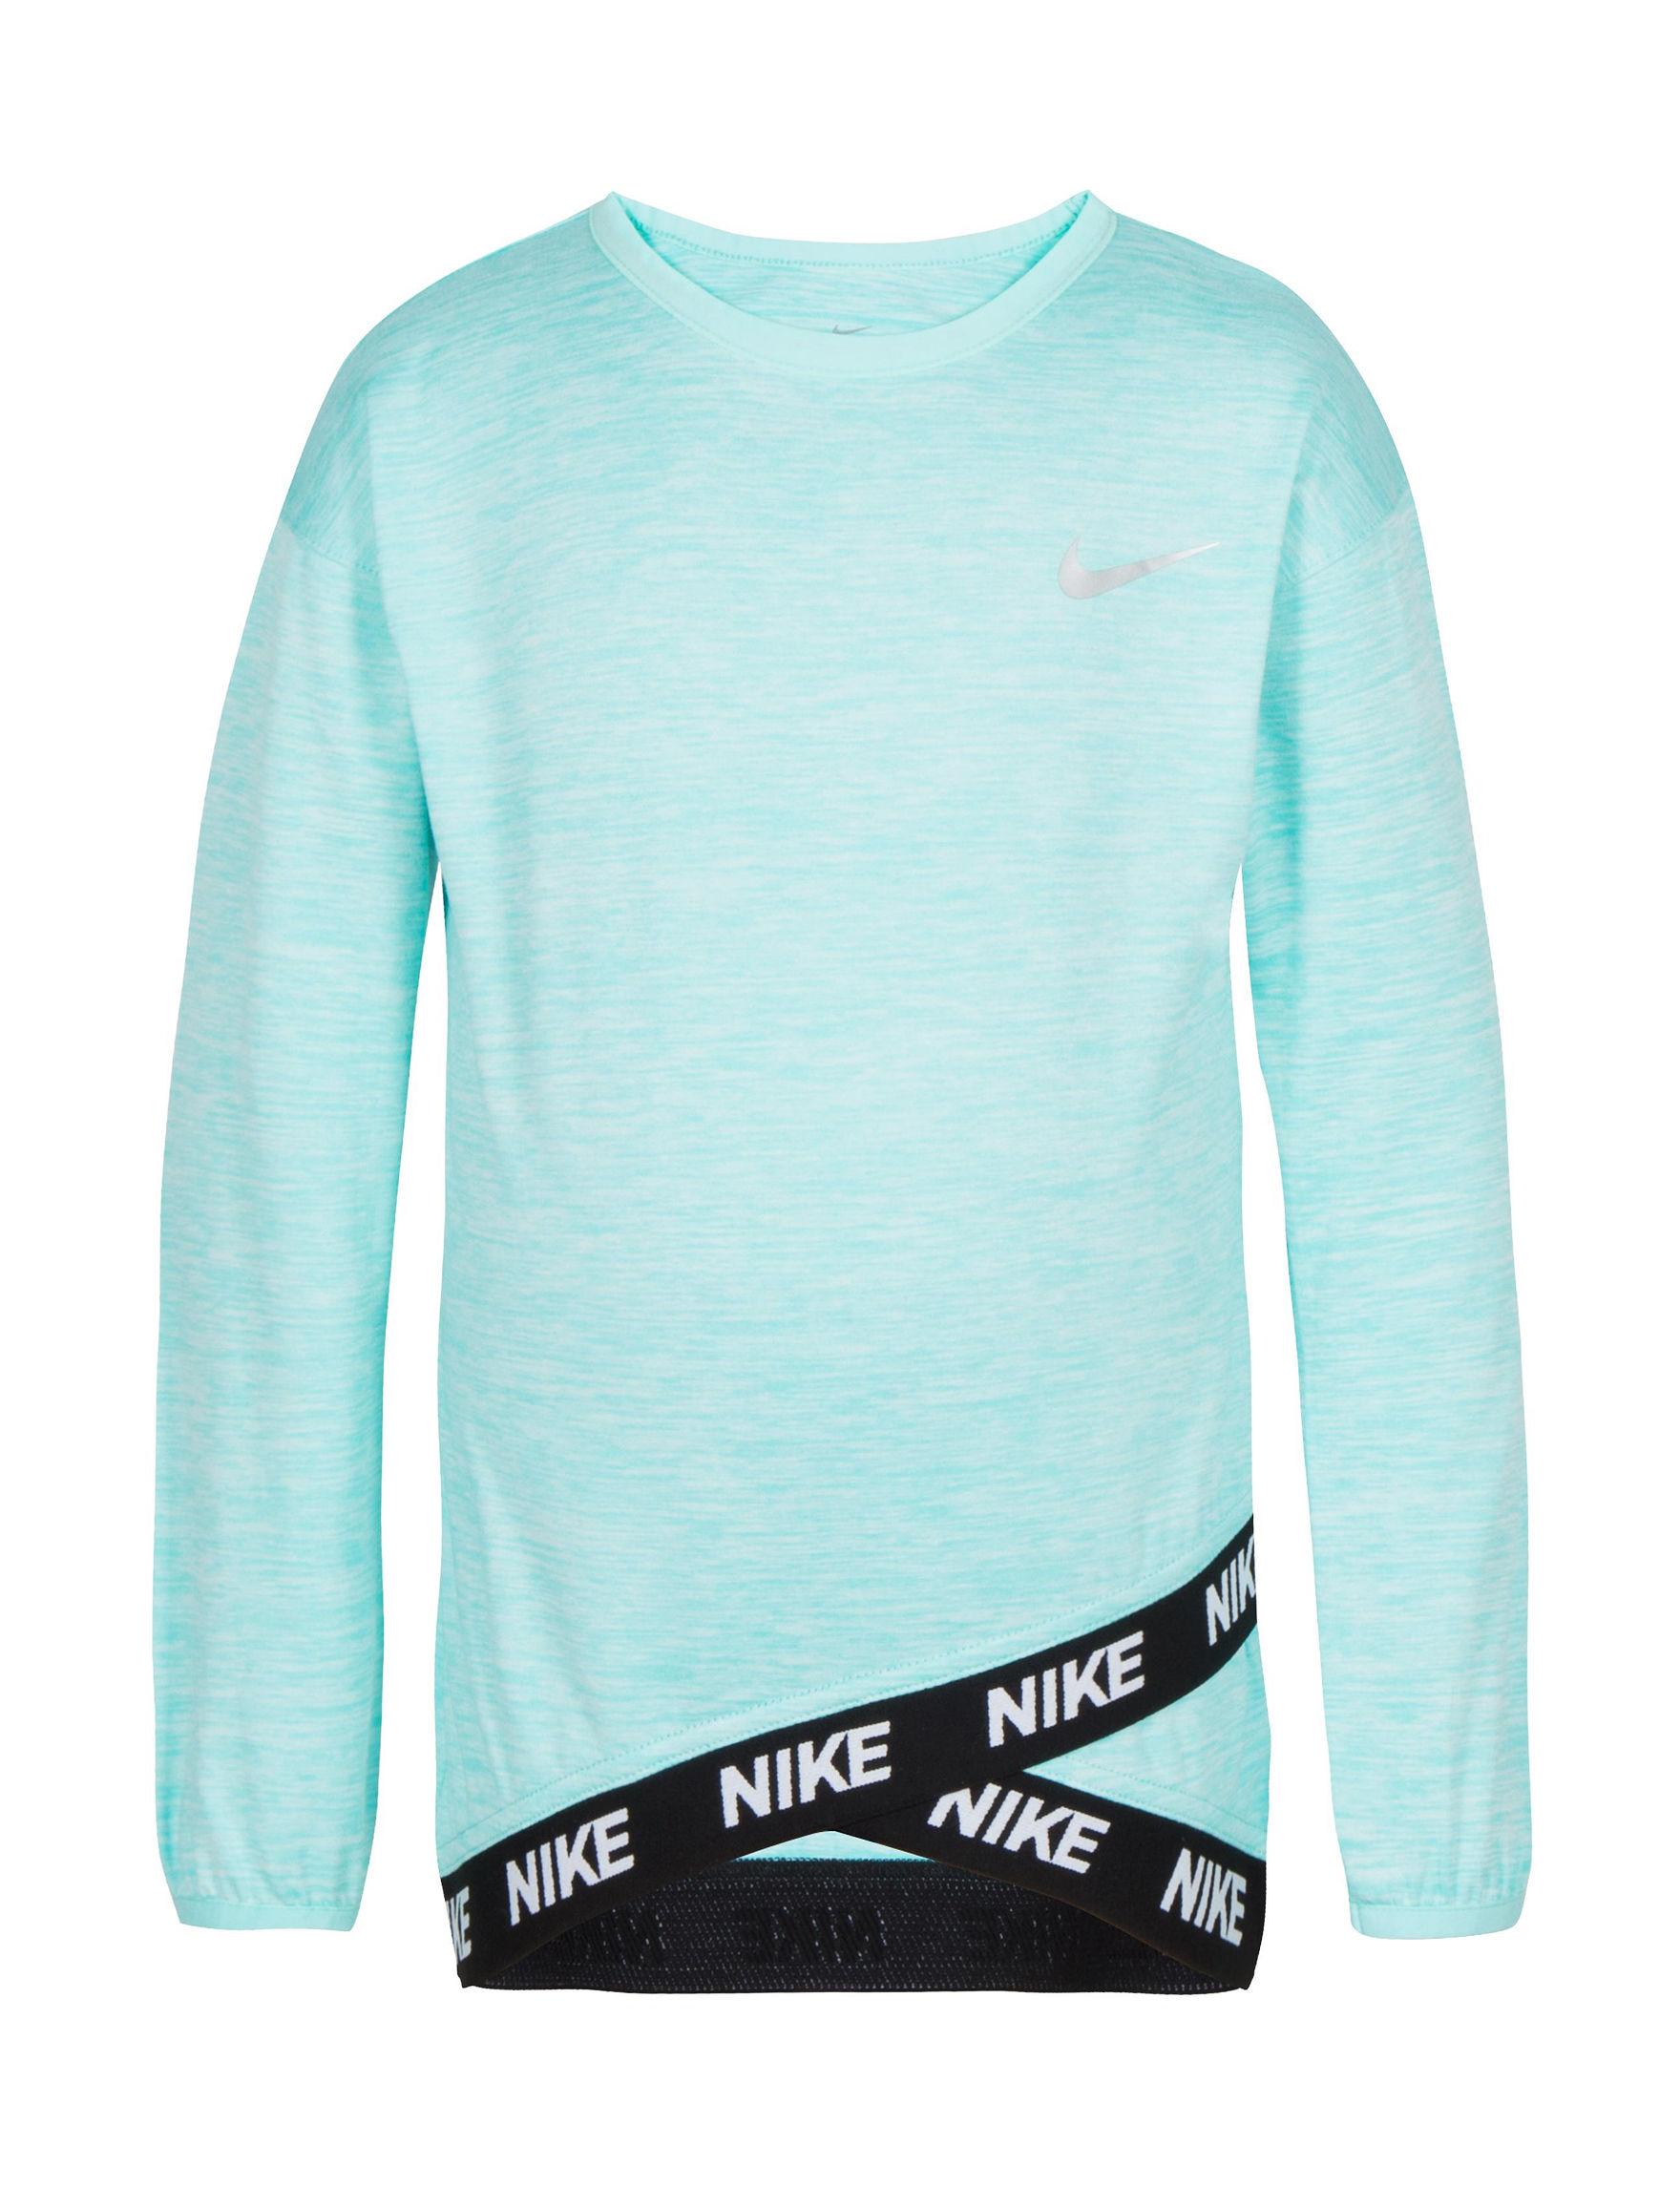 Nike Light Aqua